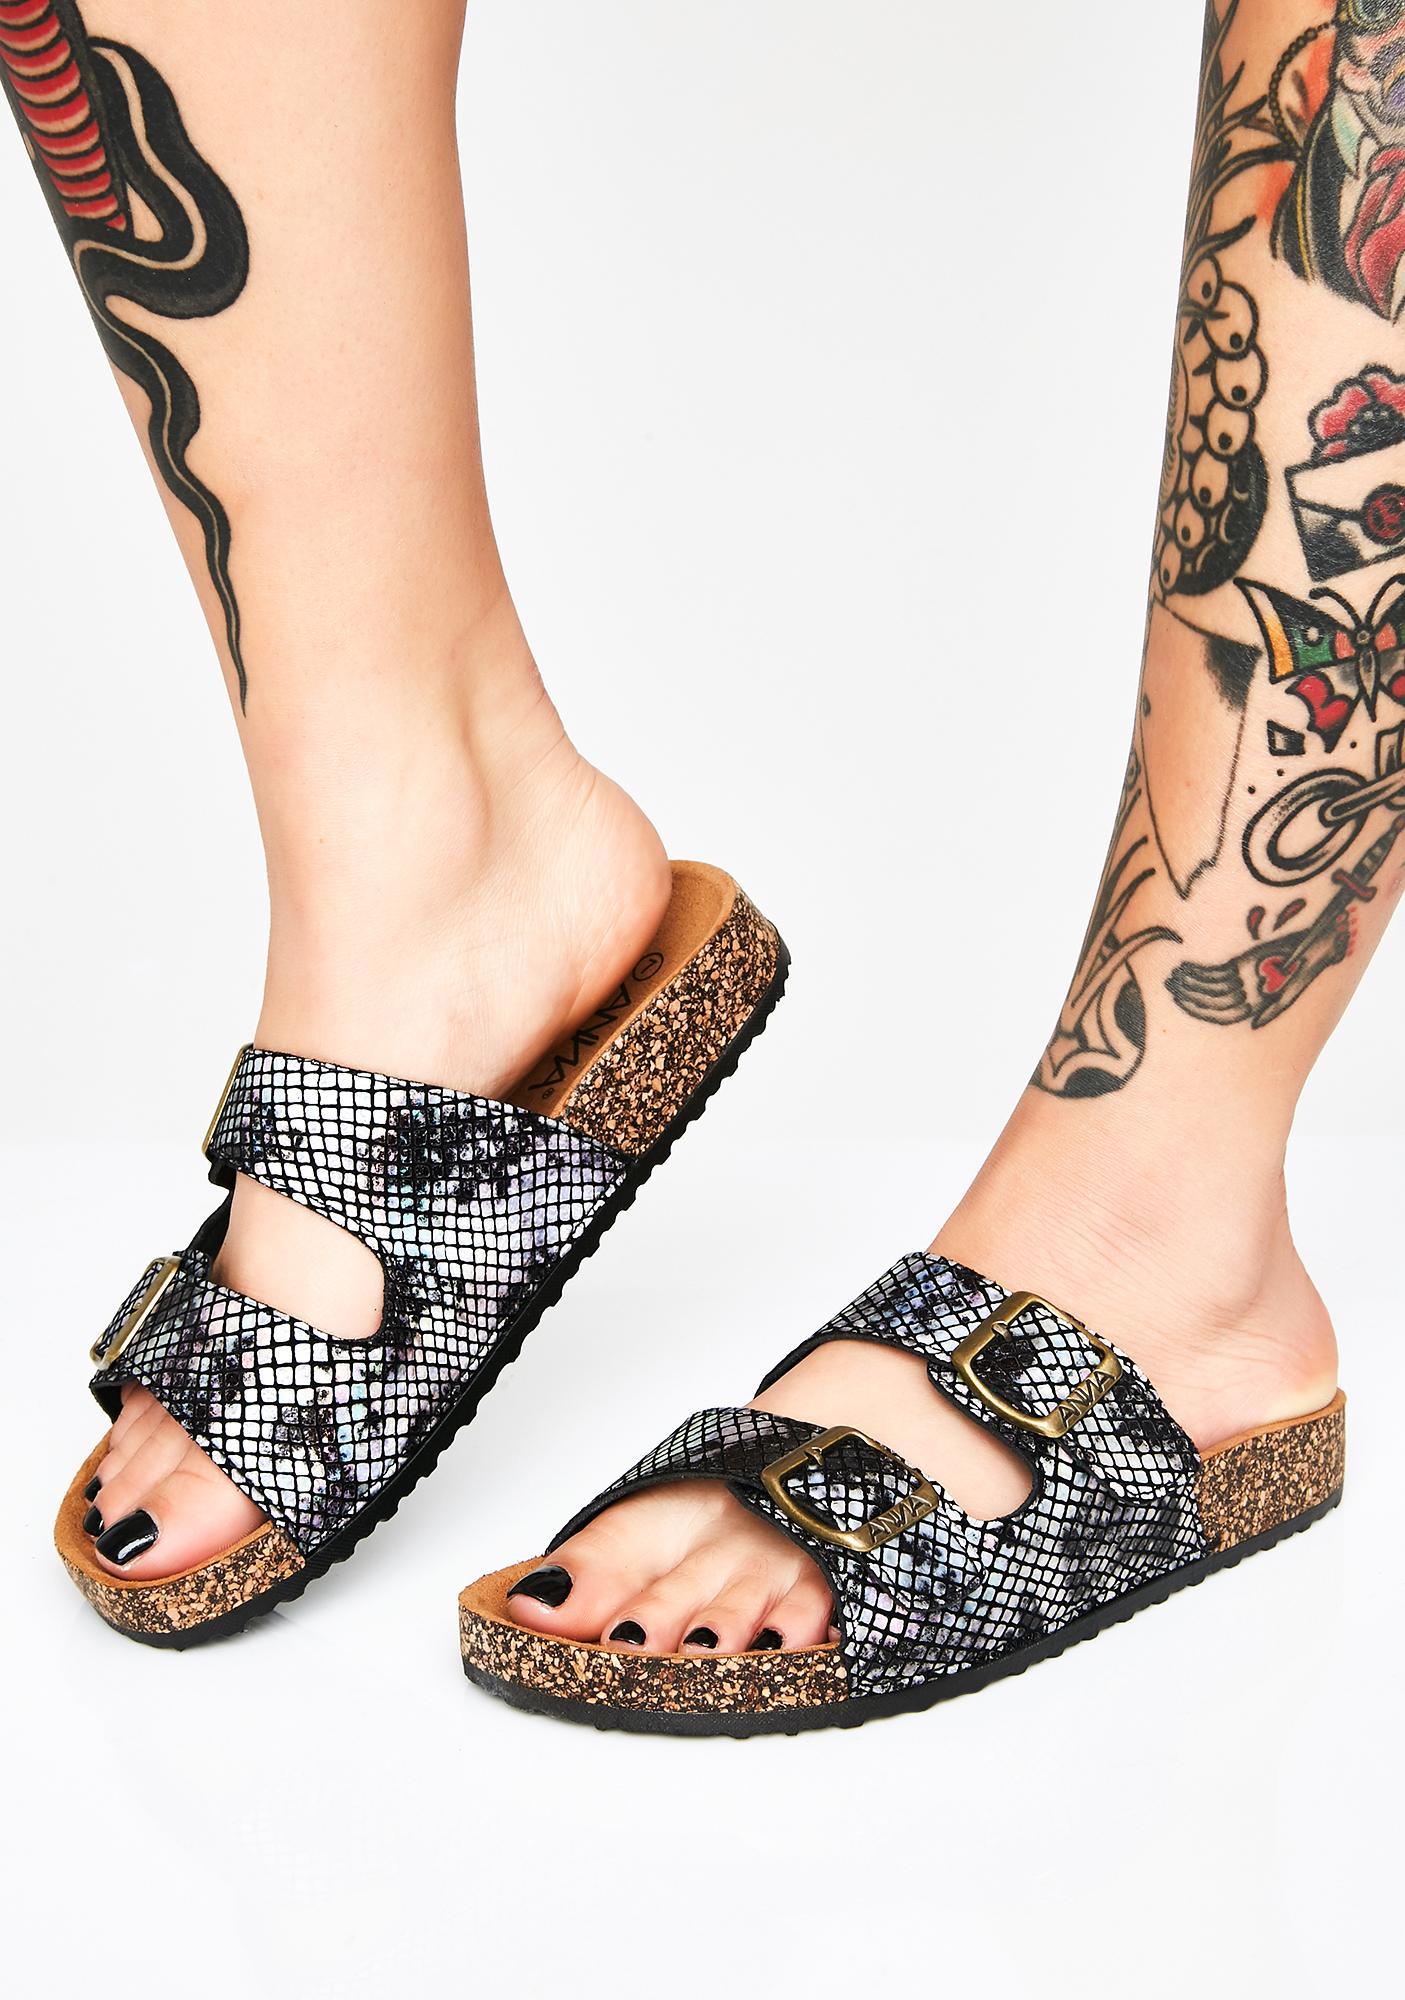 Venomous Steps Buckle Sandals